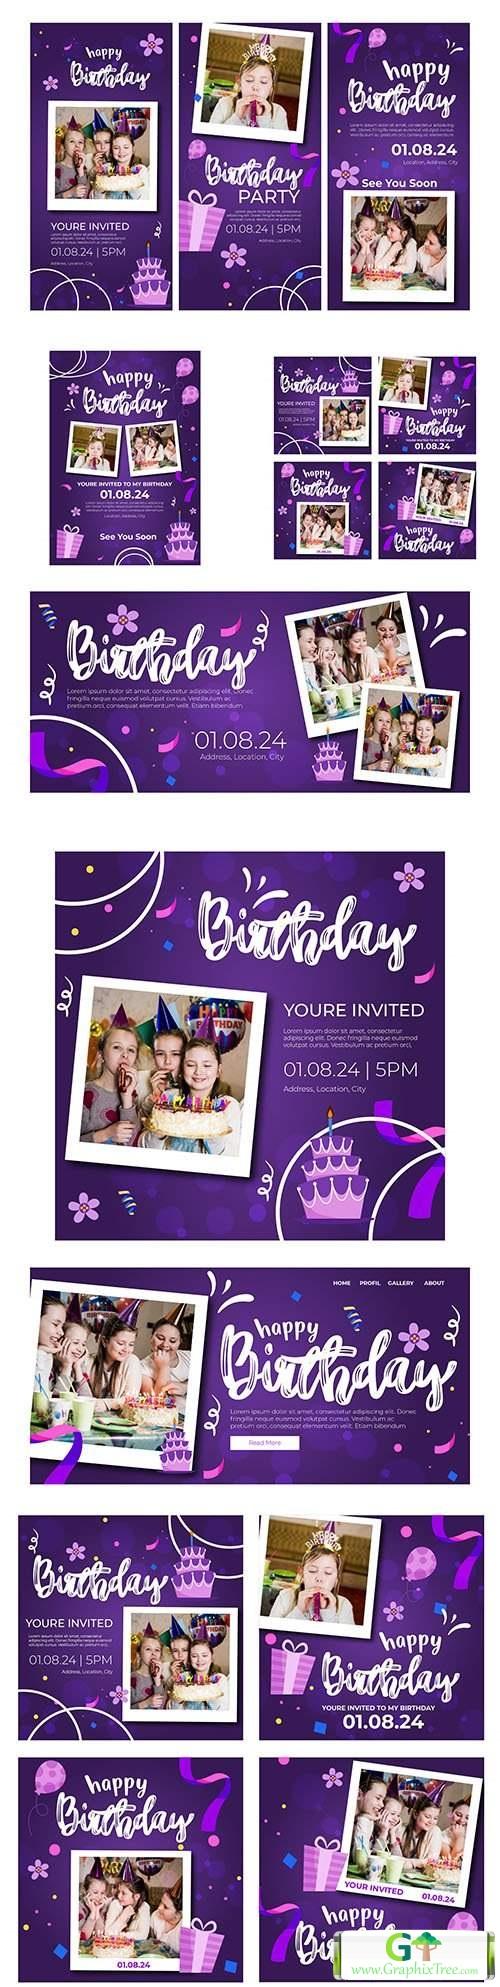 Children's birthday banner and instagram posts